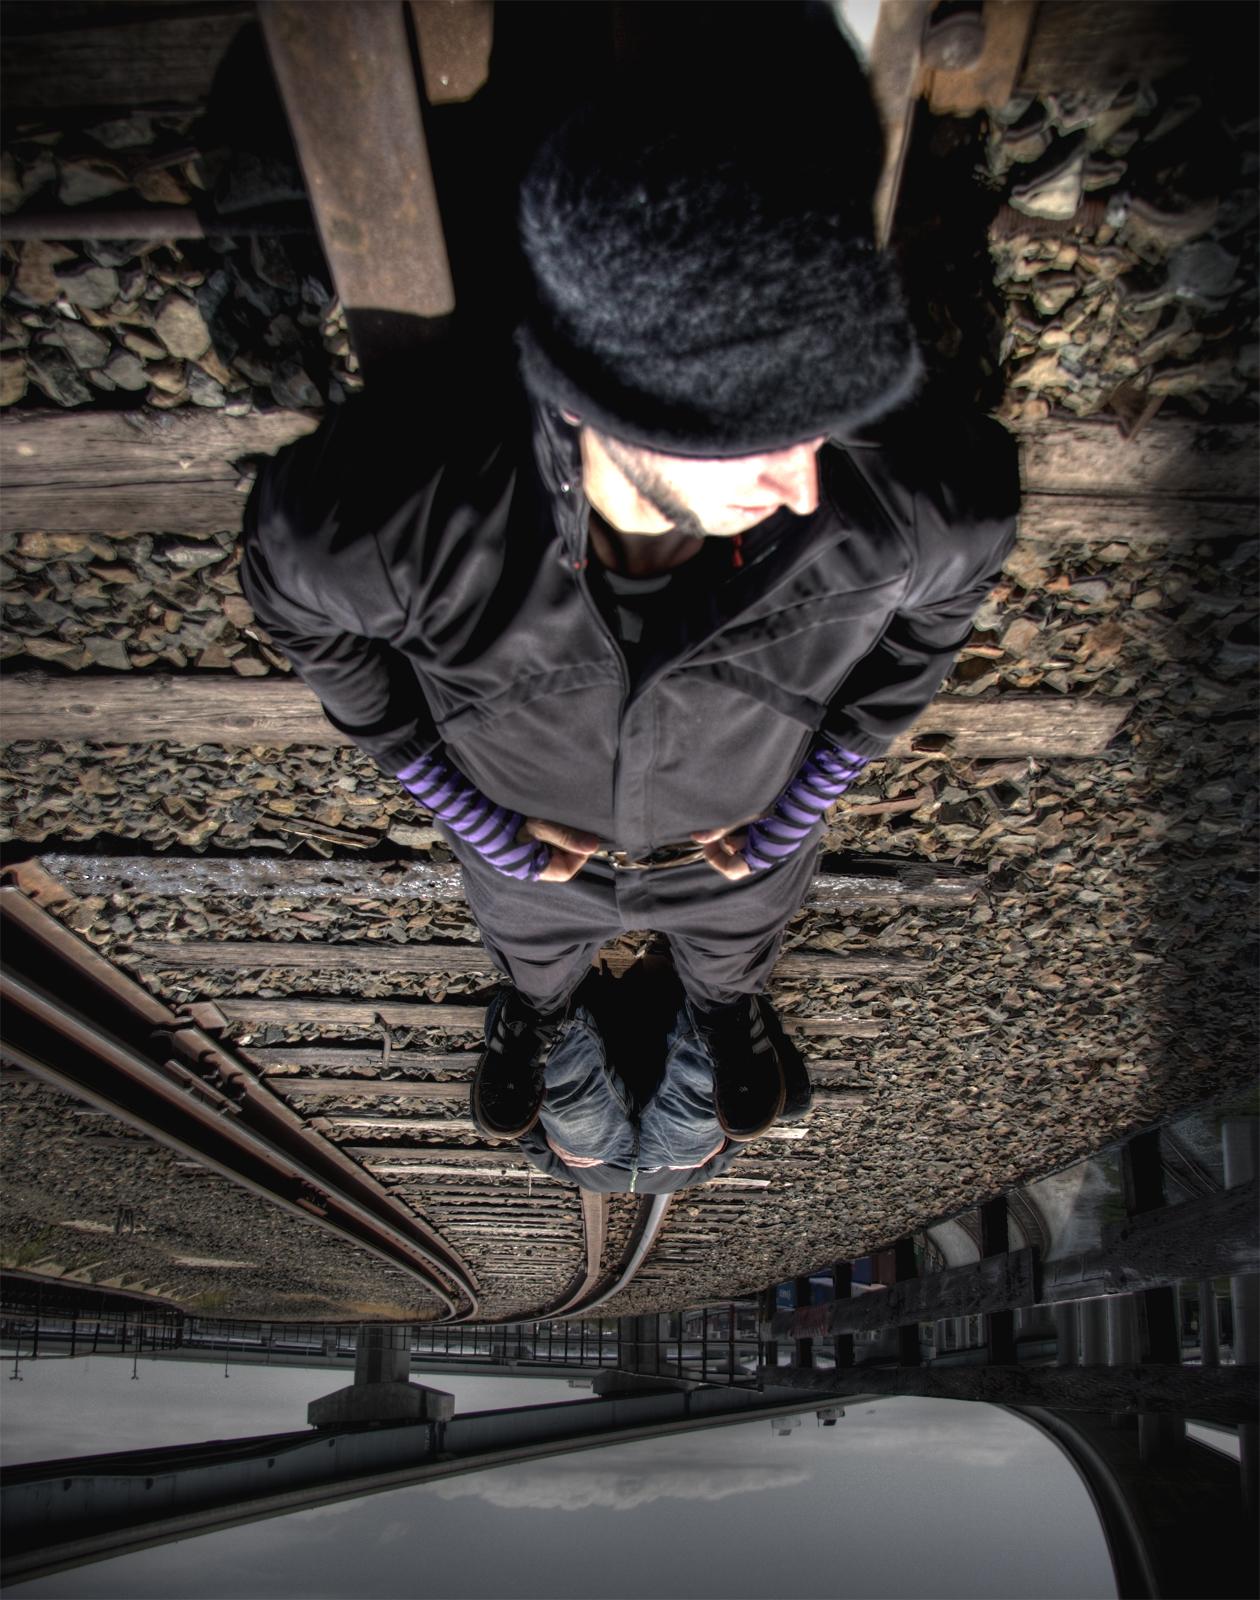 the-drop_467745063_o.jpg